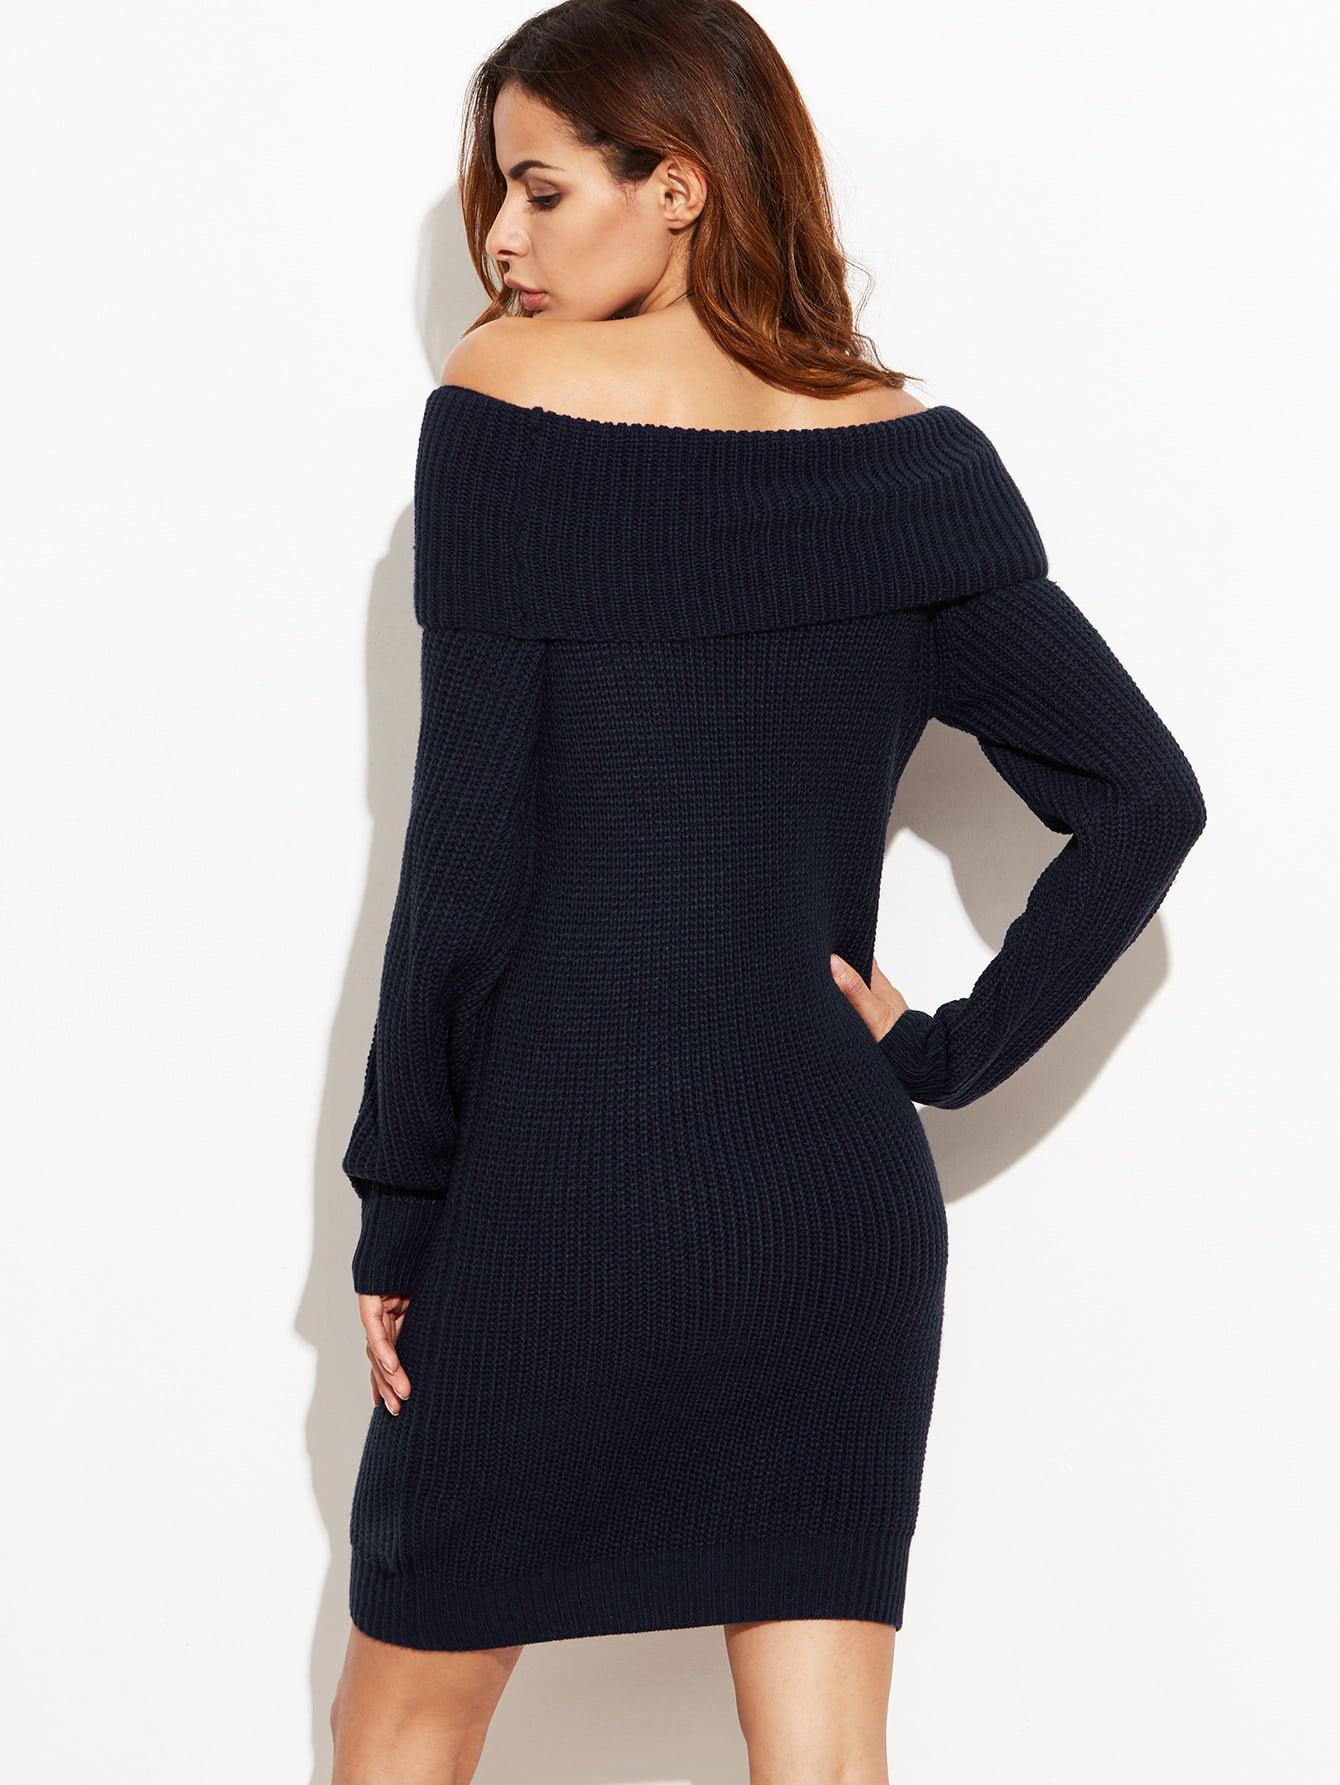 dress160901450_2